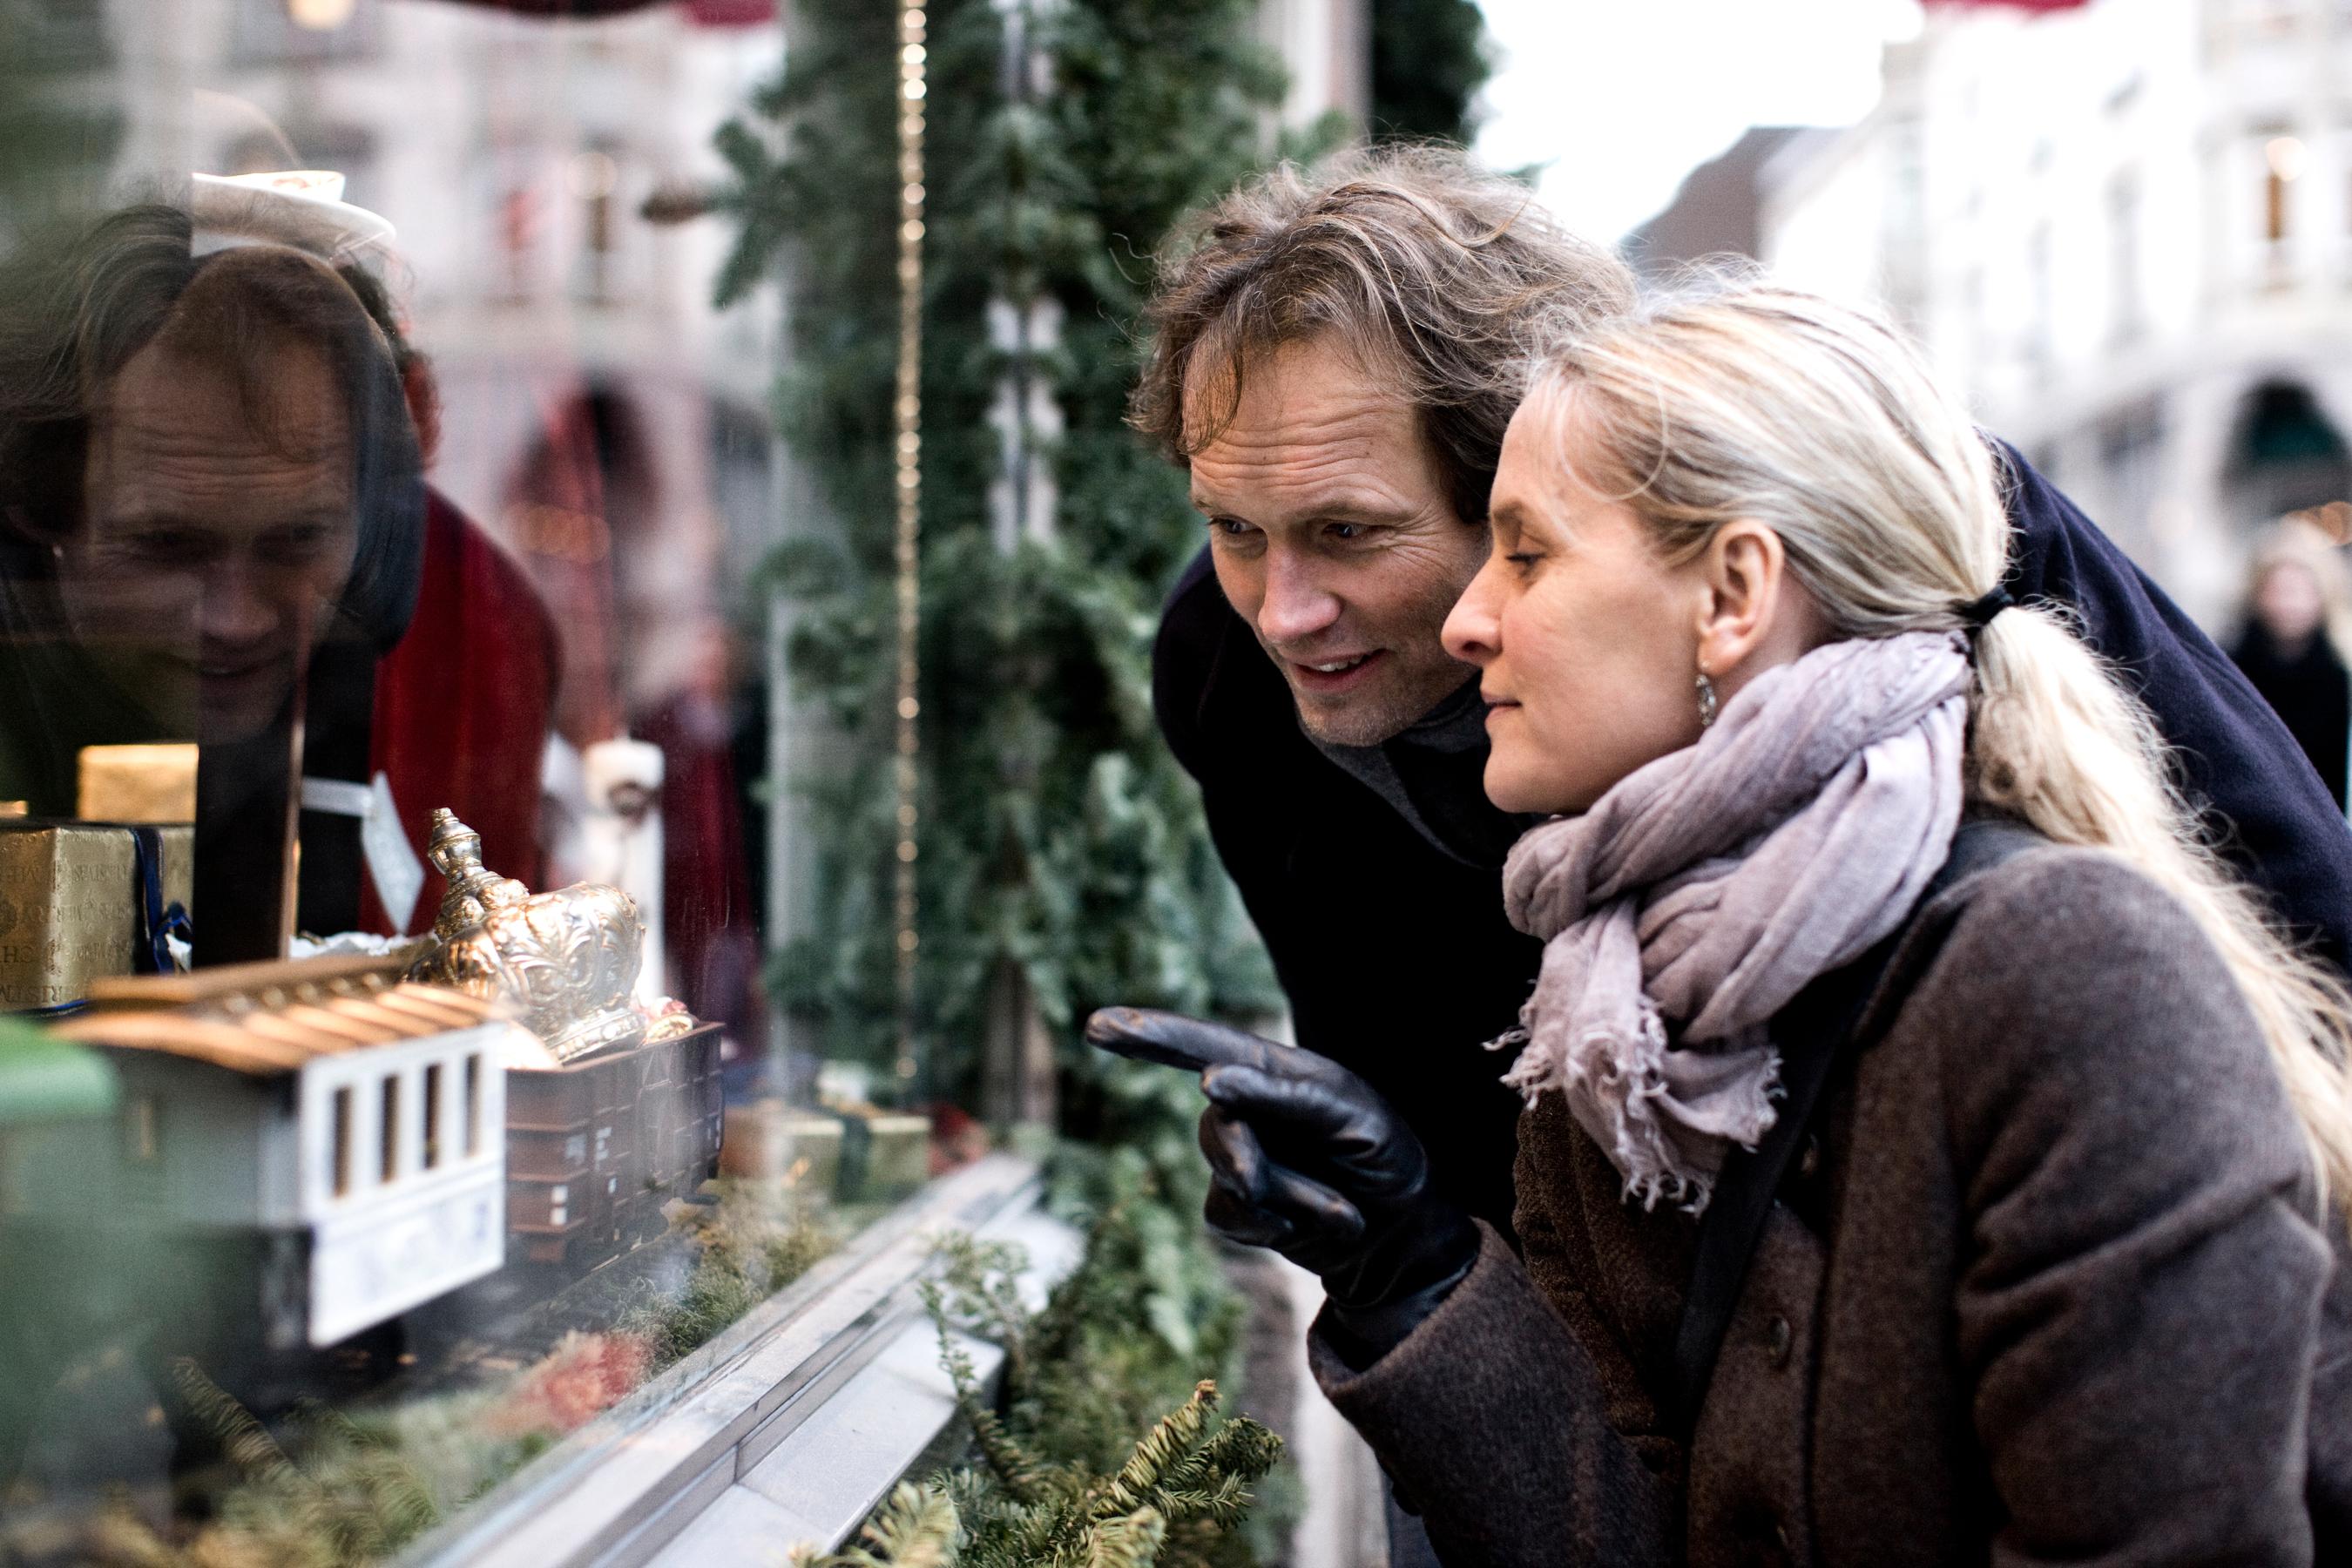 Udenlandske besøgende bruger stadig flere penge under deres ophold i Danmark. Foto: VisitDenmark, Niclas Jessen.